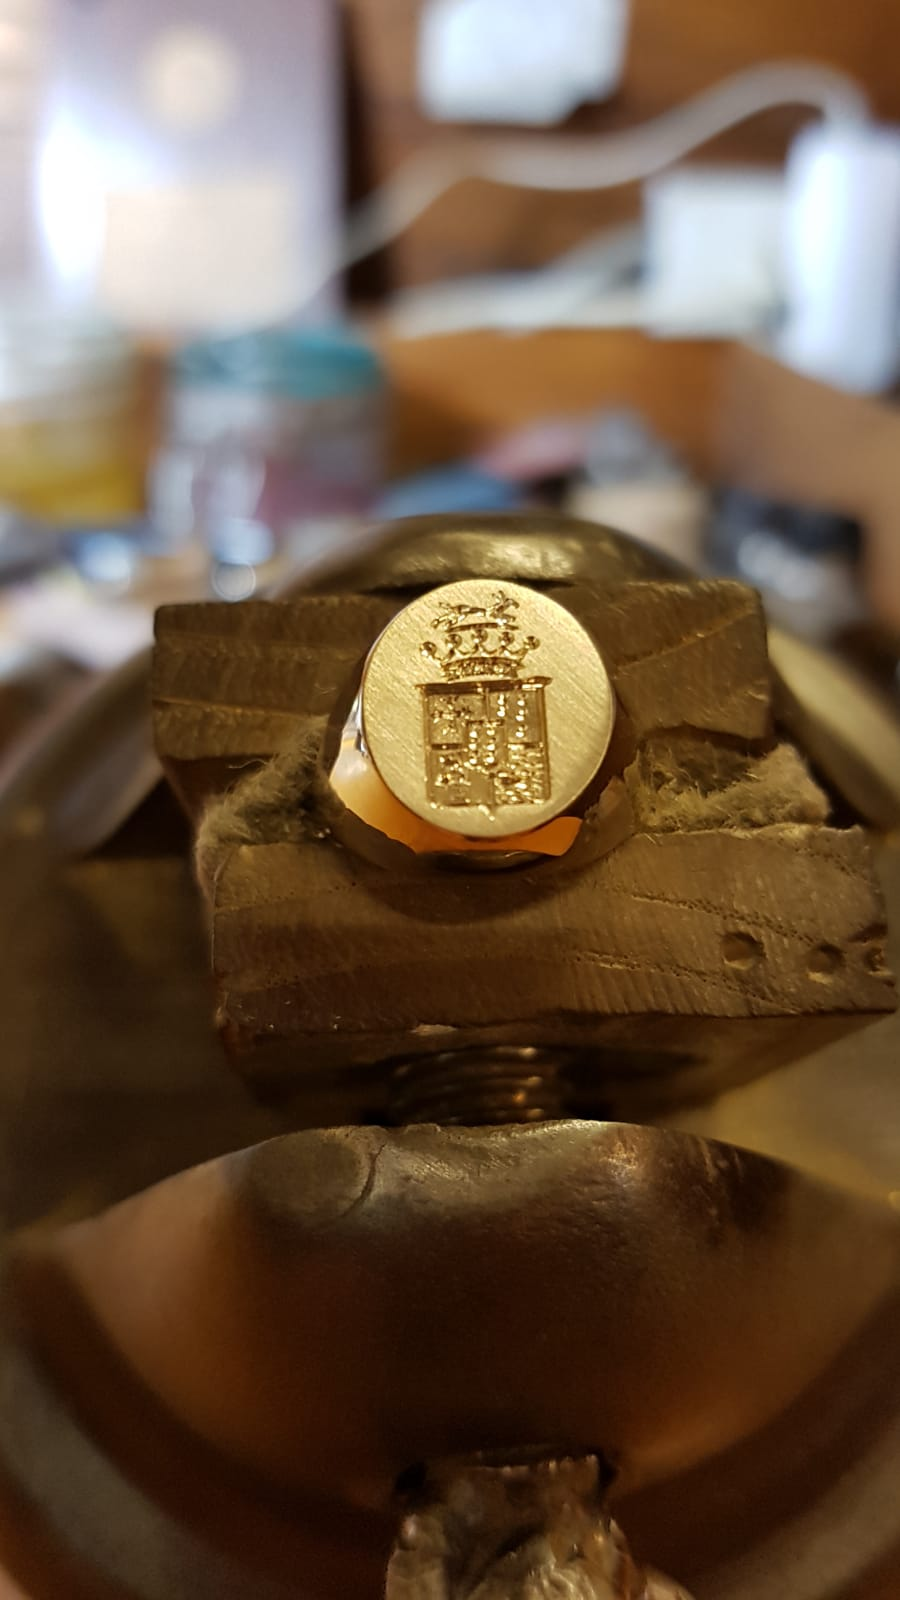 Anello con stemma inciso a mano Otello Santucci incisioni Creazioni Roma inciso a mano Otello Santucci incisioni Creazioni Roma